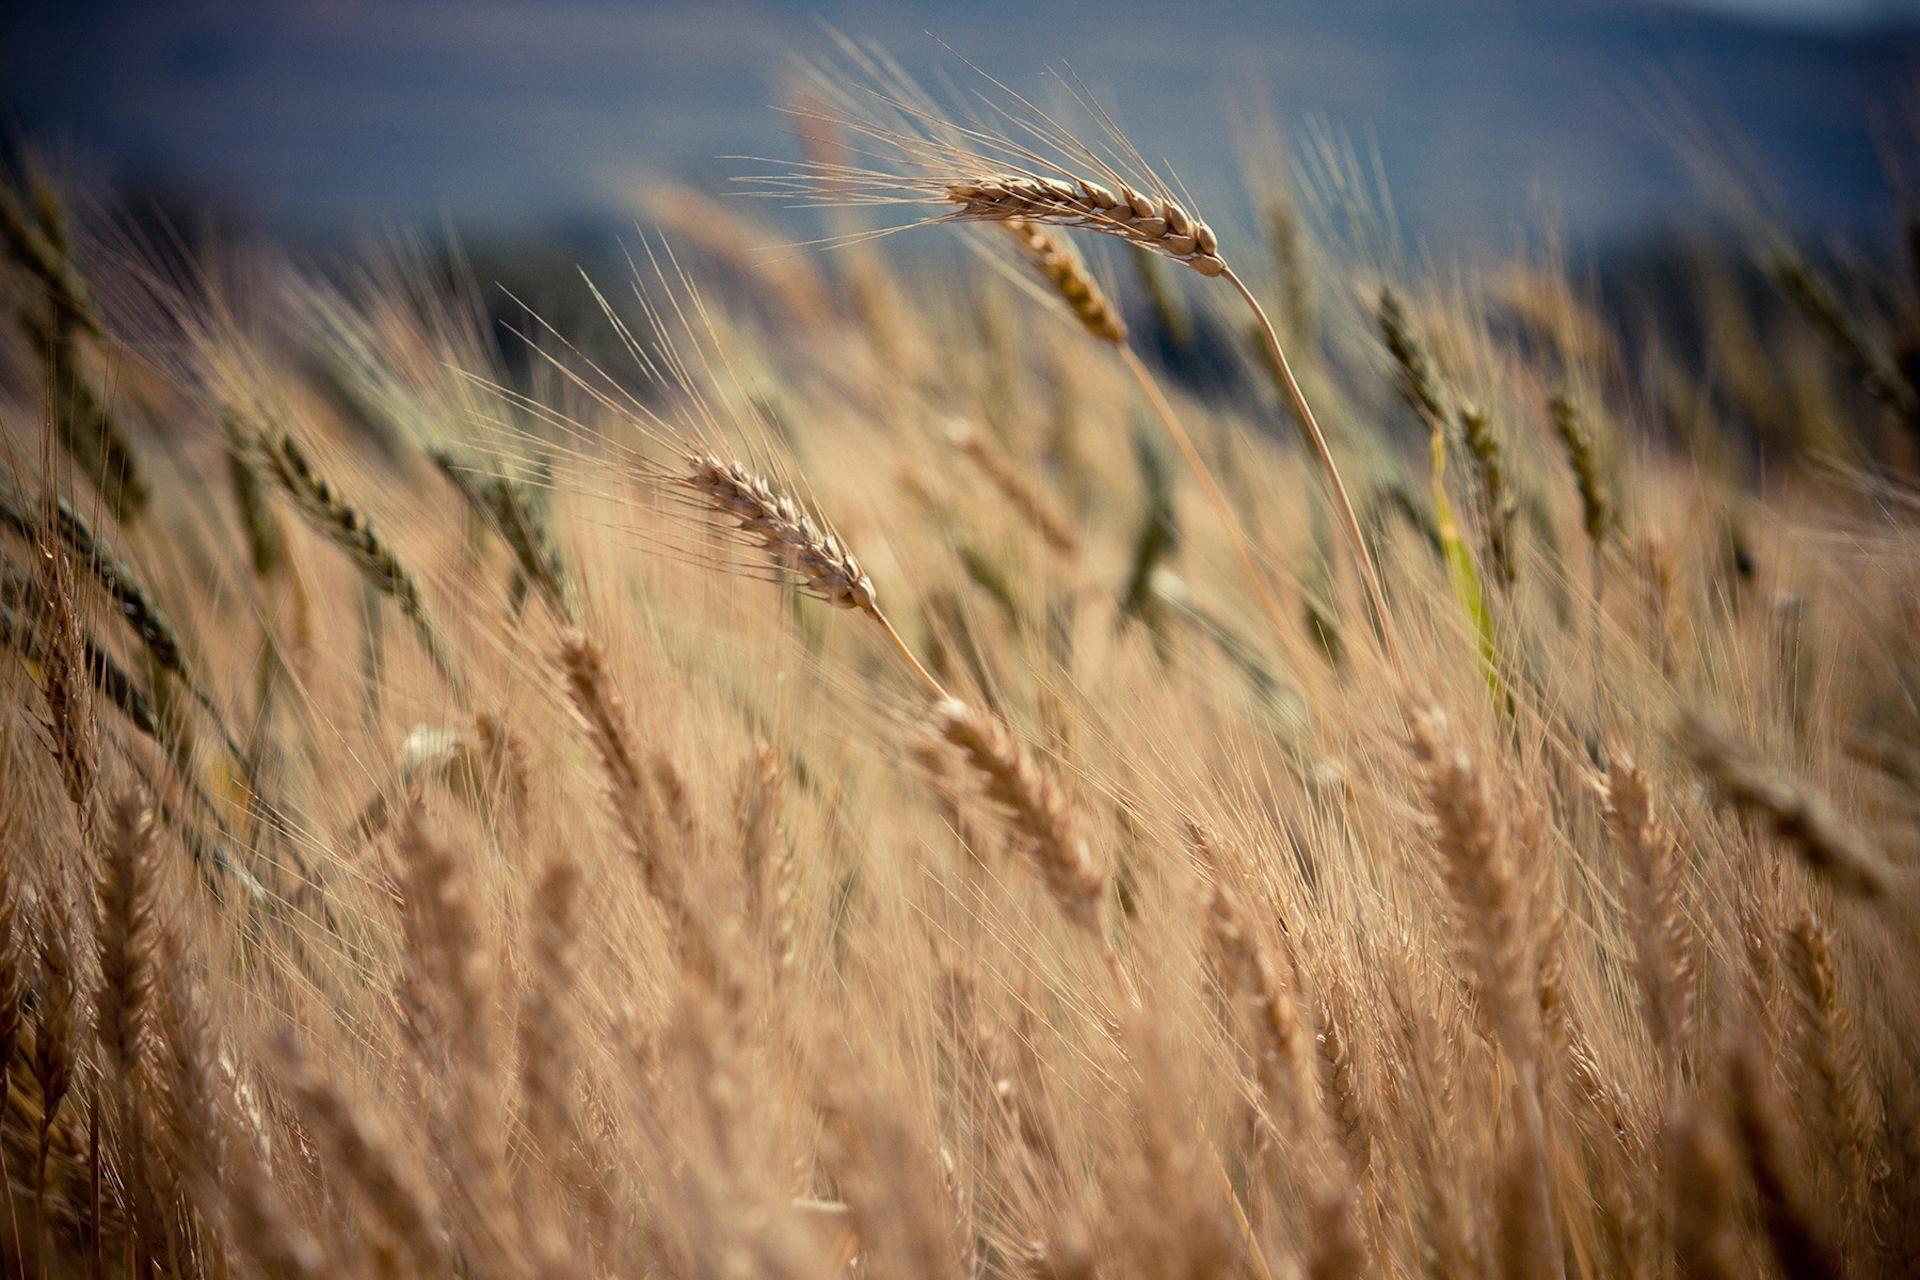 trigo, campo, Pradera, vento, inclinação - Papéis de parede HD - Professor-falken.com